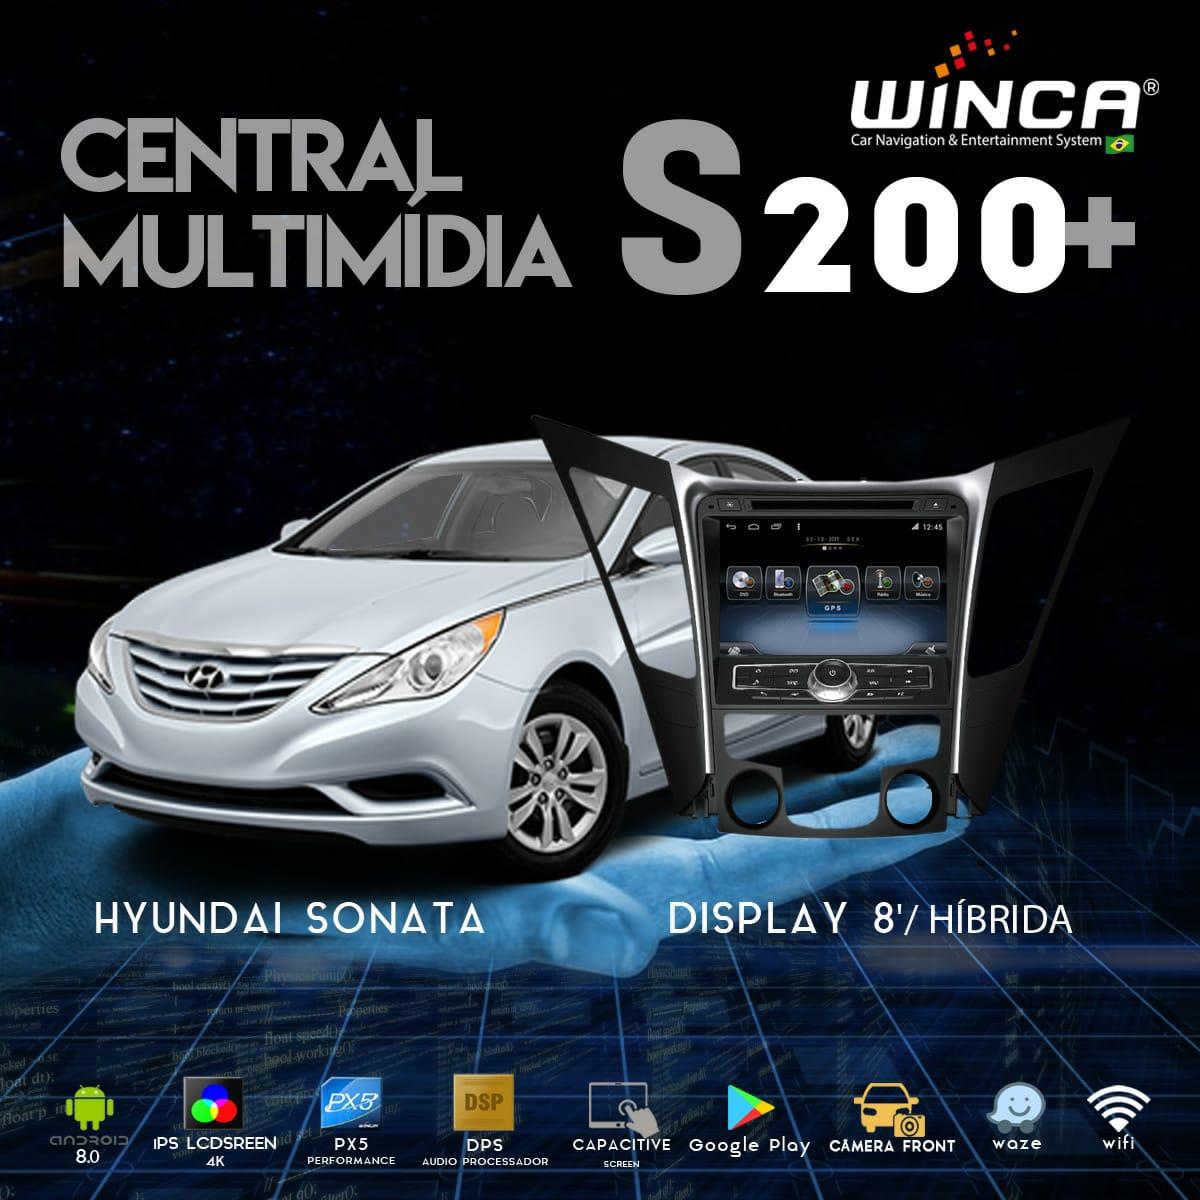 Central Multimidia Hyundai Sonata Winca S200+  Tela 8 pol - Waze Spotify - 2 cameras Ré + Frontal - TV  Digital via APP  - GPS Integrado -  Bluetooth - 2 entradas USB - Android 9.0